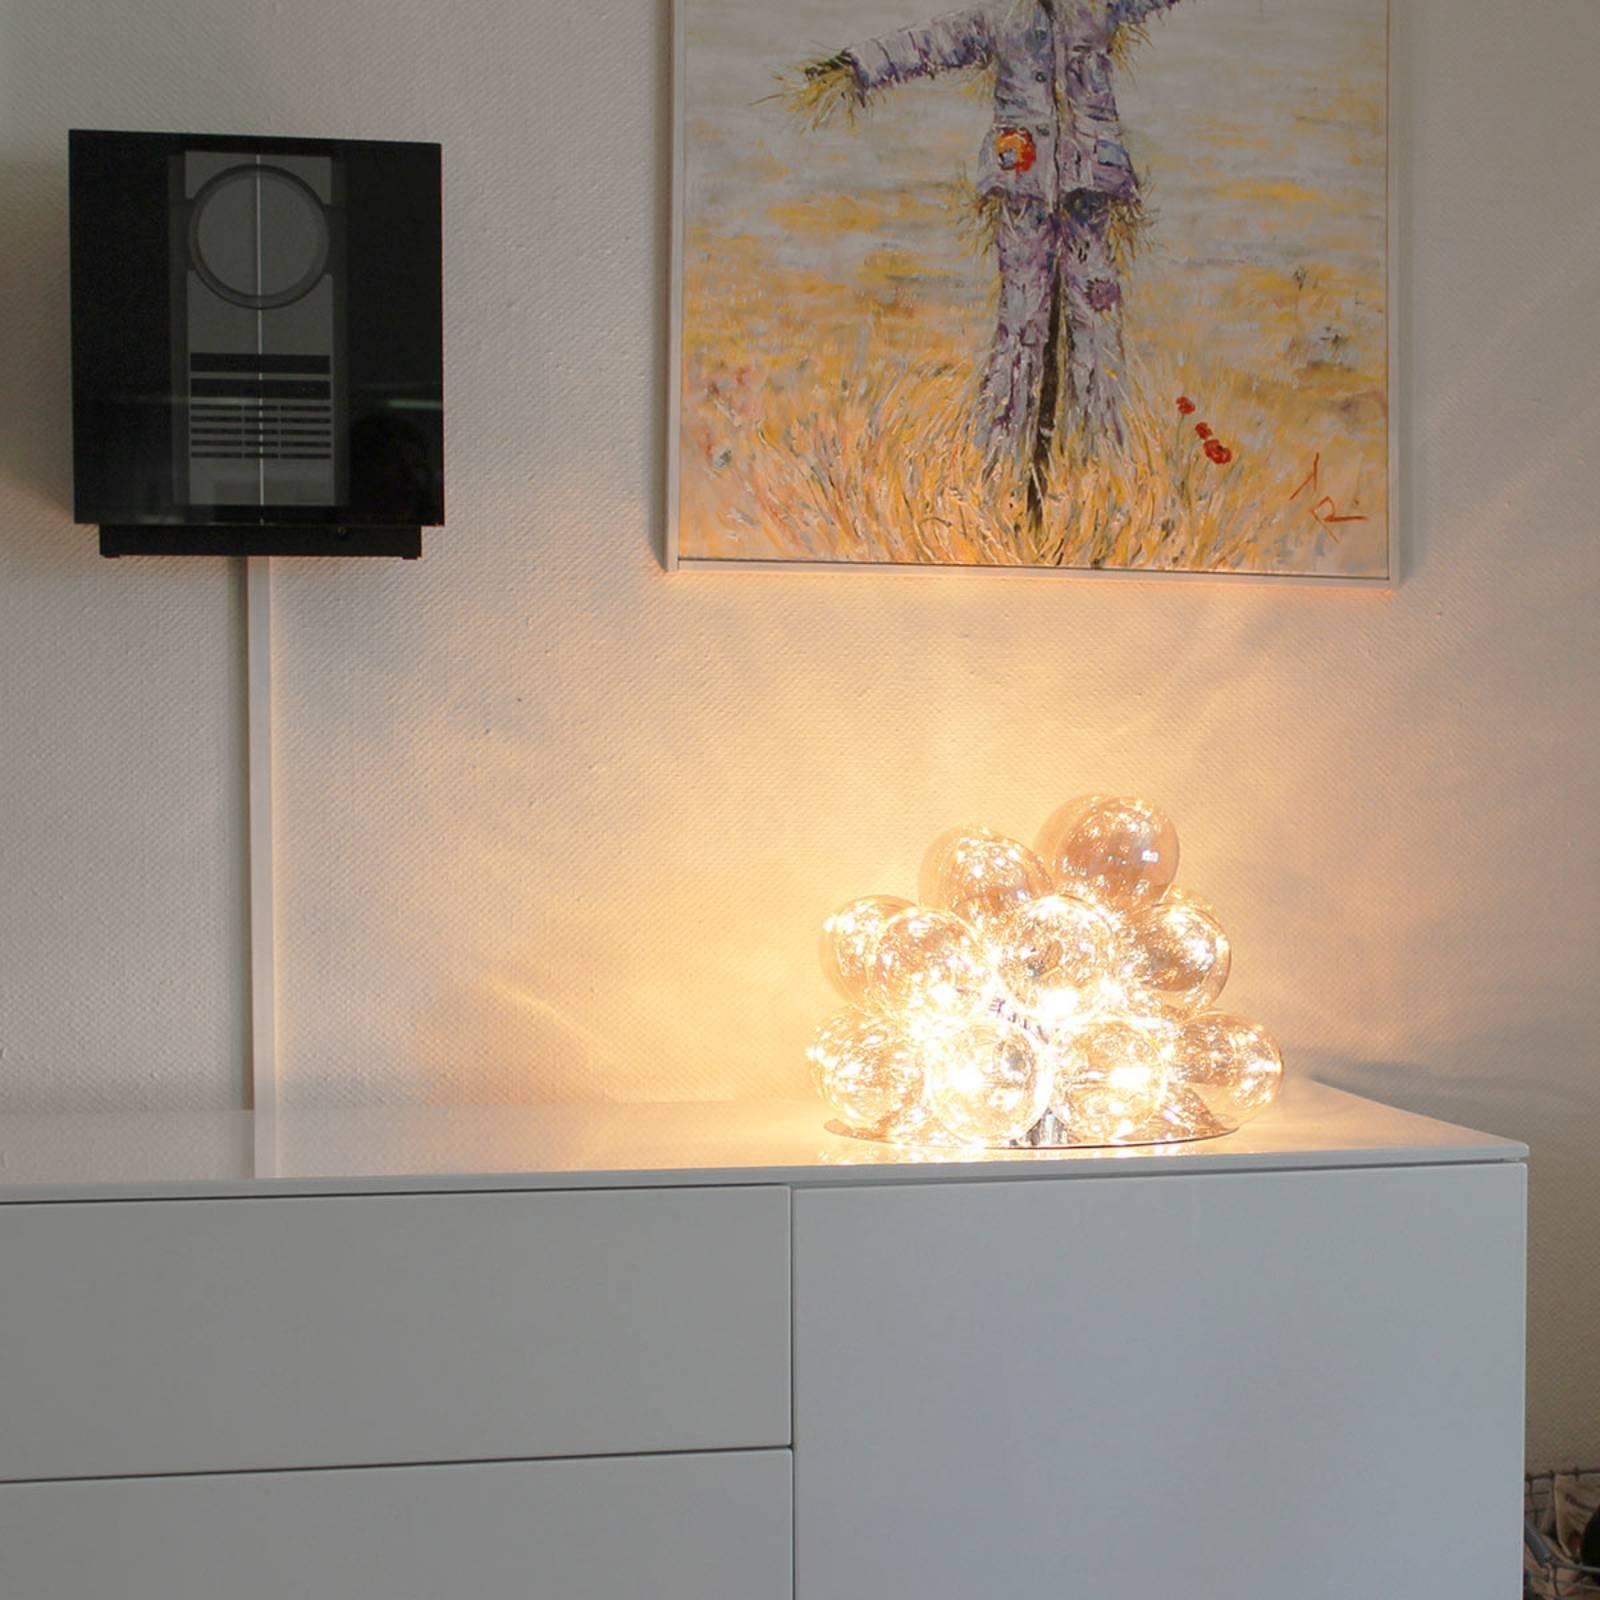 By Rydéns Gross lampe à poser en verre ambre